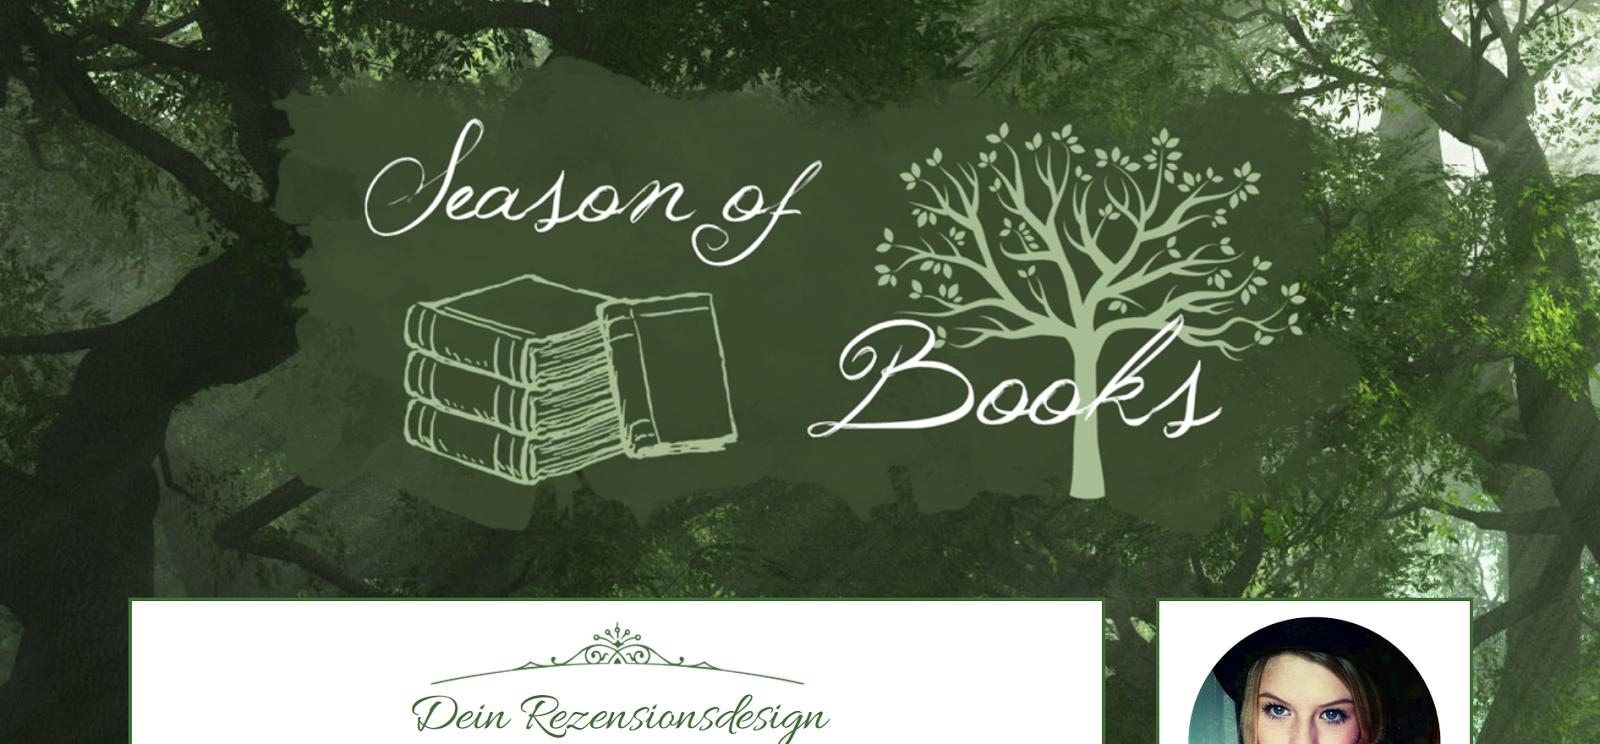 http://herseasonofbooks.blogspot.de/